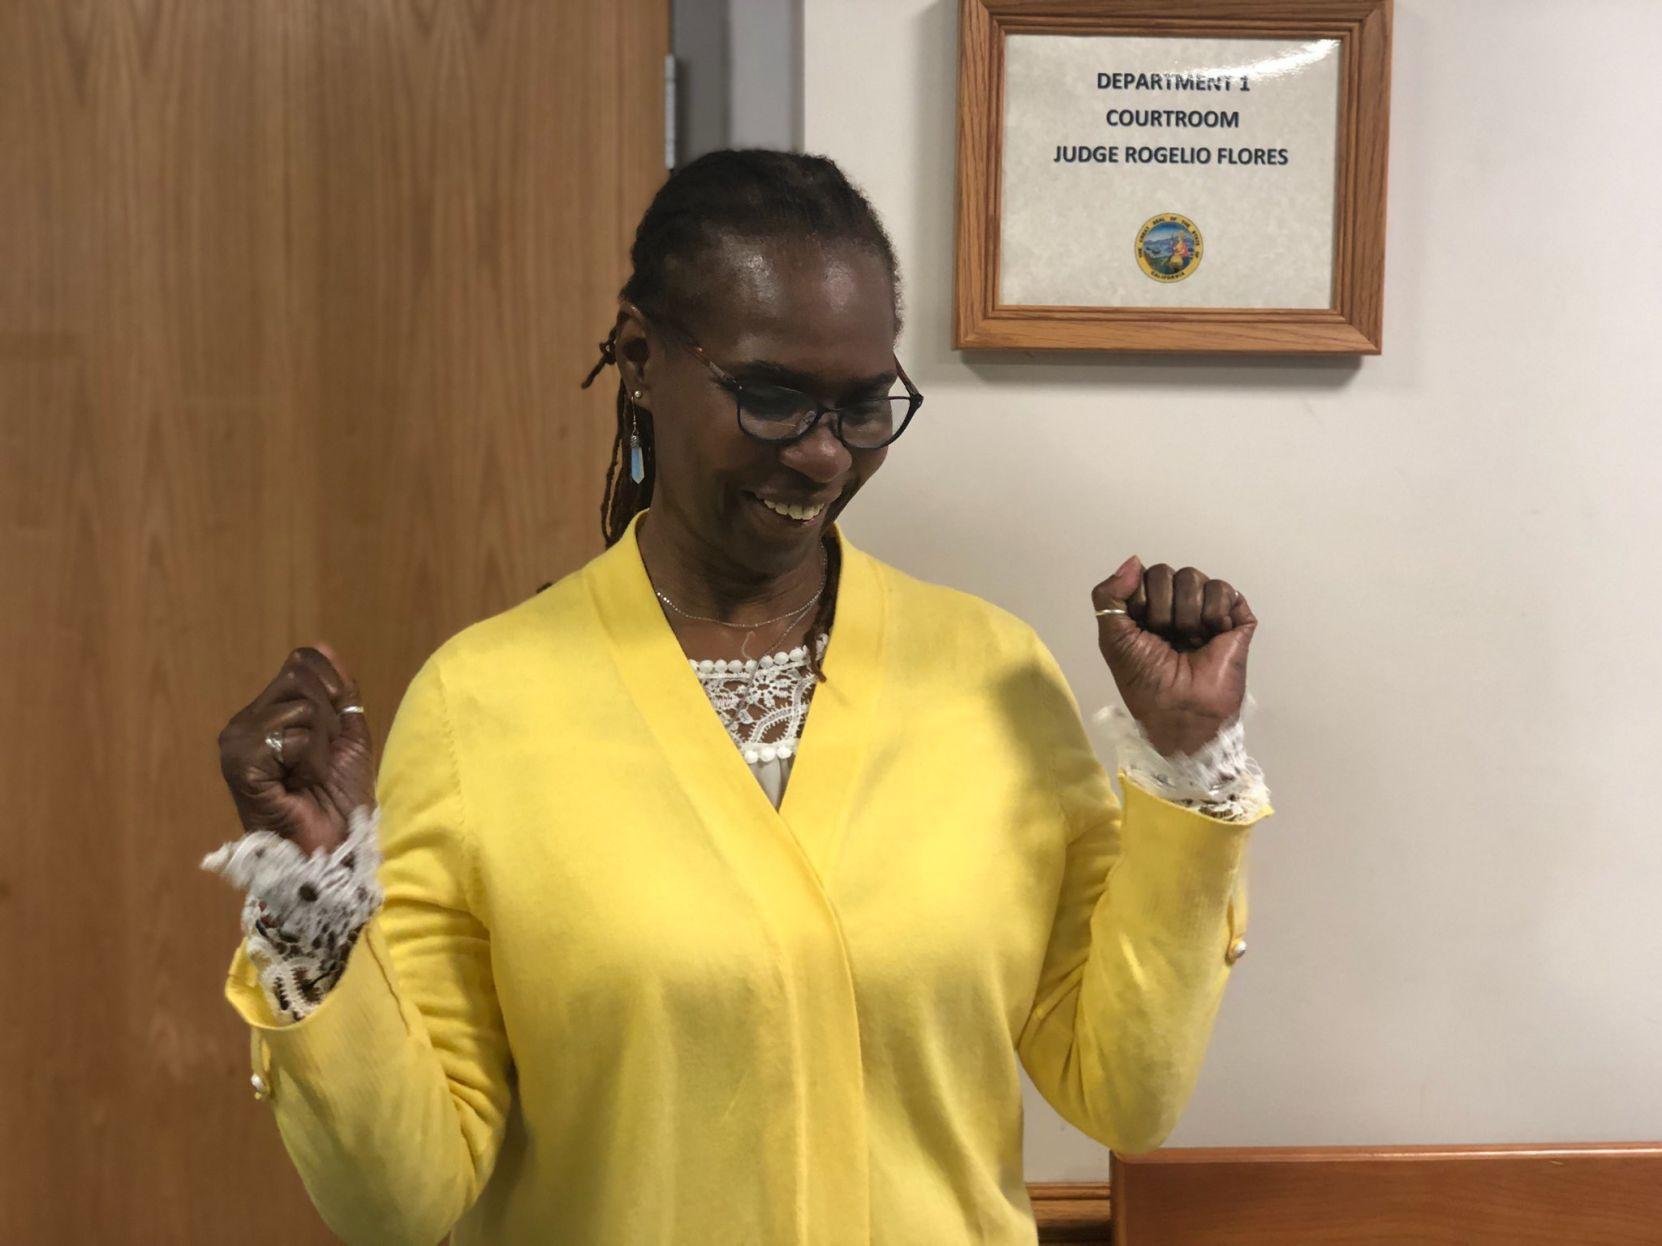 Judge declares Wanda Nelson an innocent woman